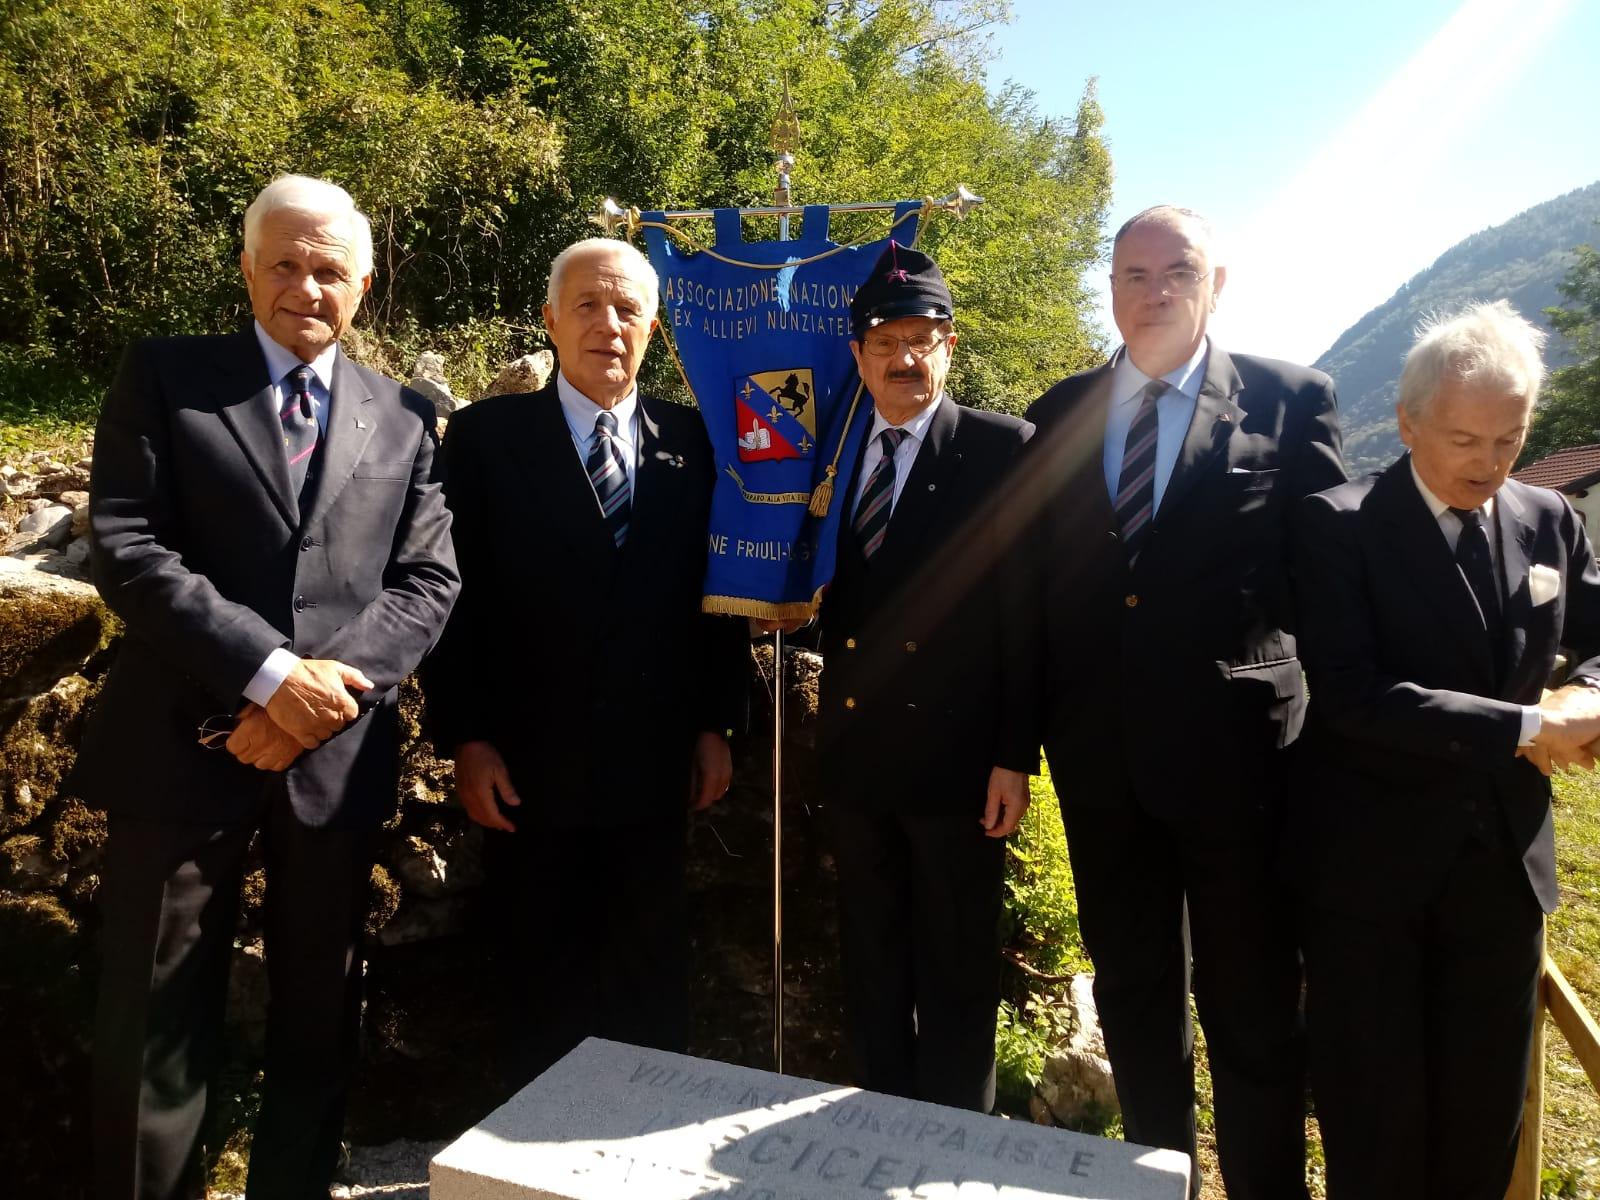 L'Associazione a Kamno per la lapide restaurata e per ricordare il nostro T.Col. M.O.V.M. Maurizio de Vito Piscicelli